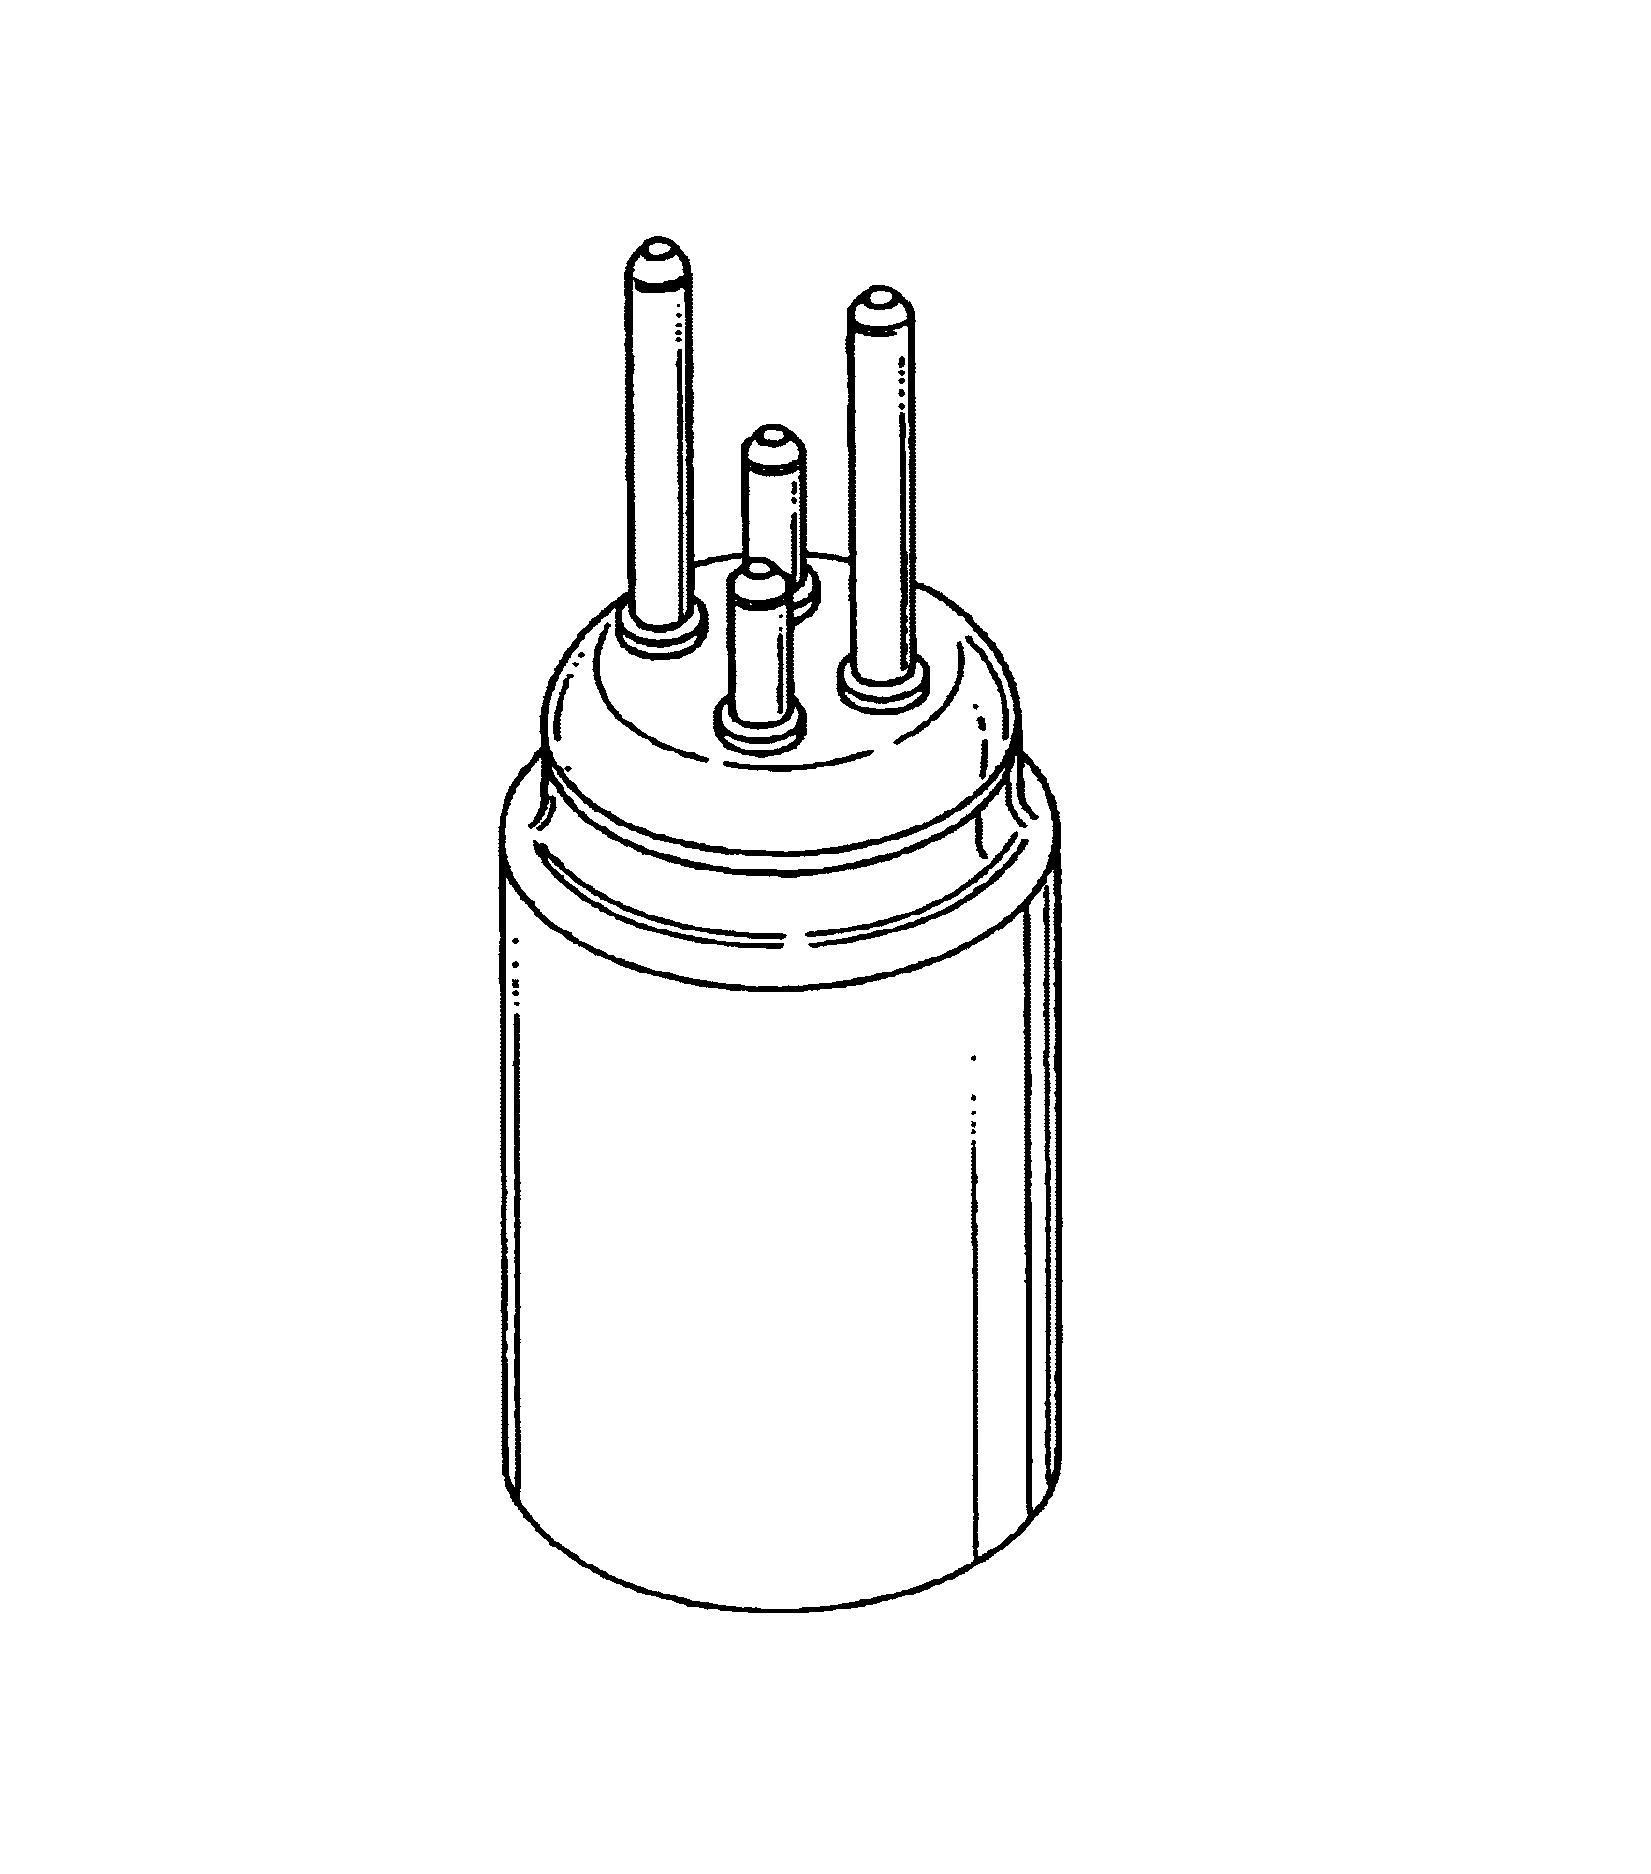 蜂蜜瓶子简笔画内容图片展示